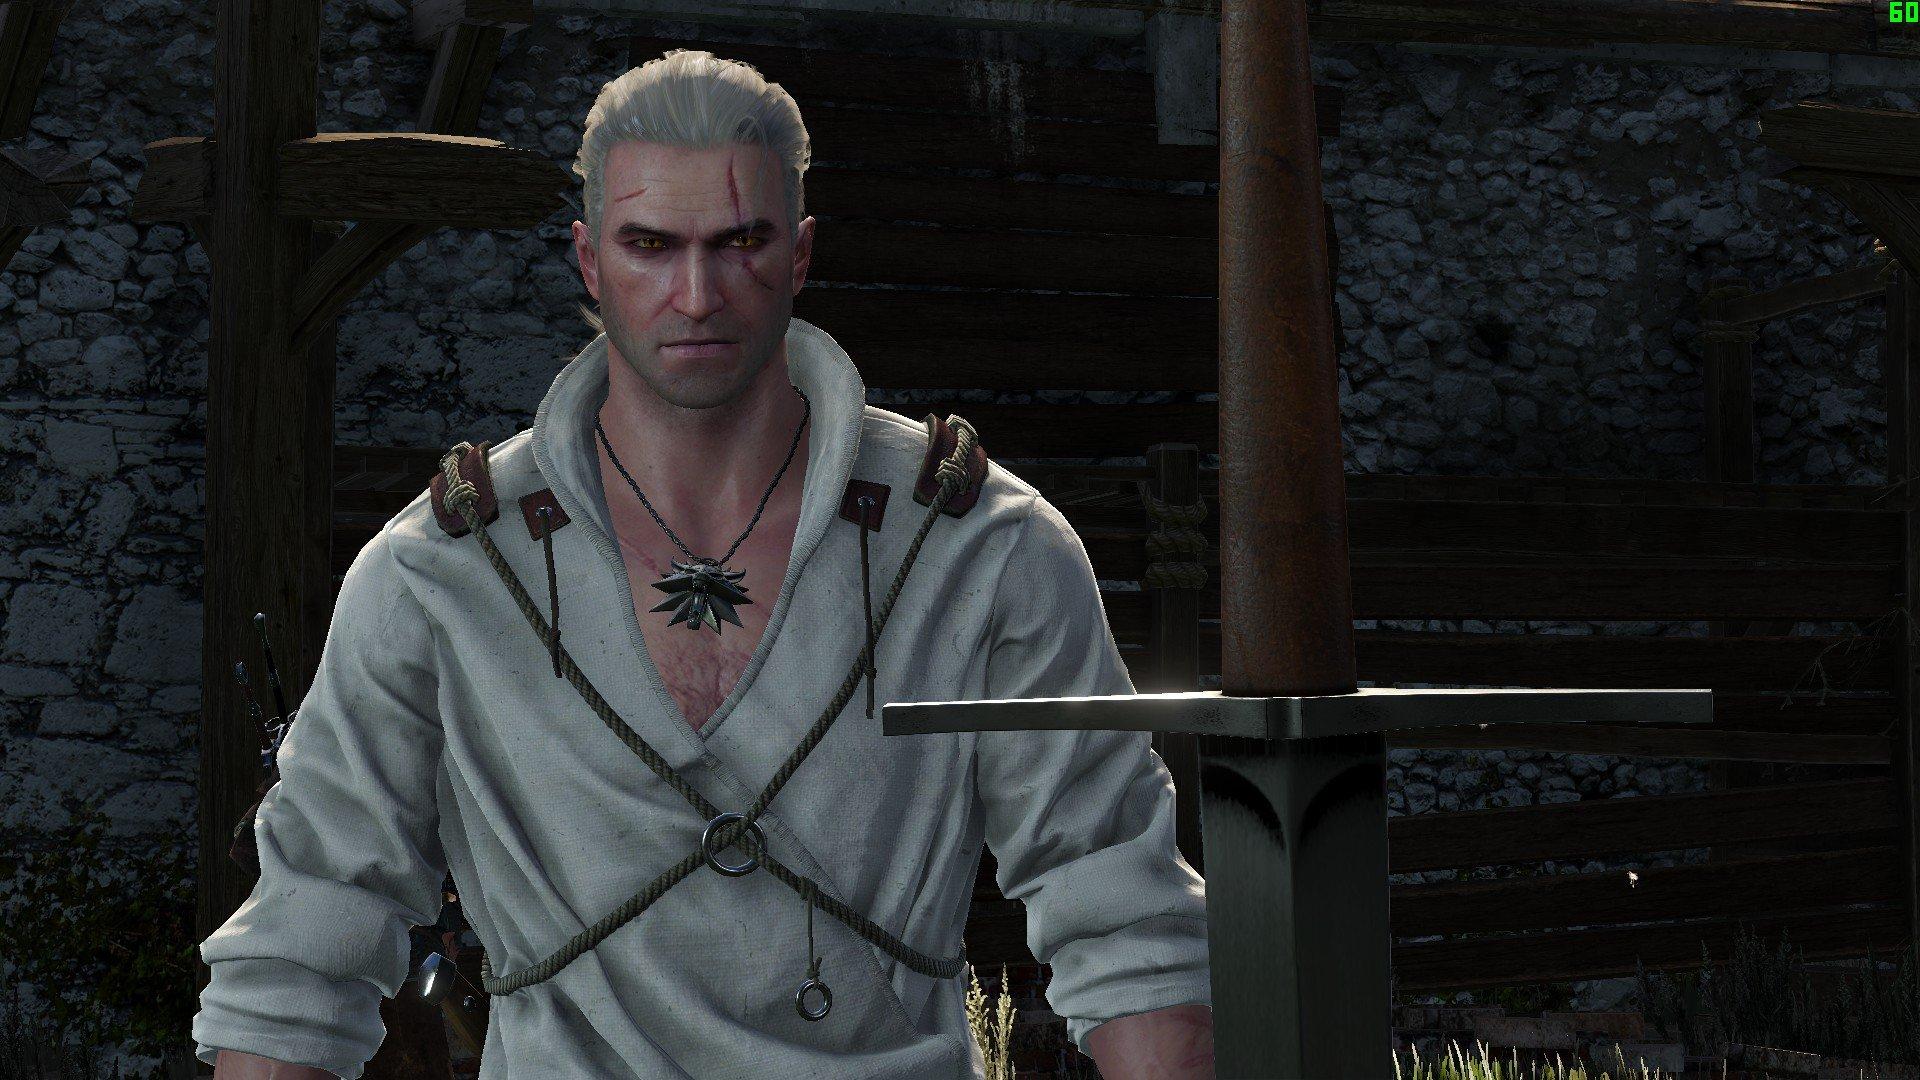 The Witcher 3: Wild Hunt. Бесплатное DLC 15.  New Finisher Animations.   Новые анимации добивающих ударов которые ра ... - Изображение 1